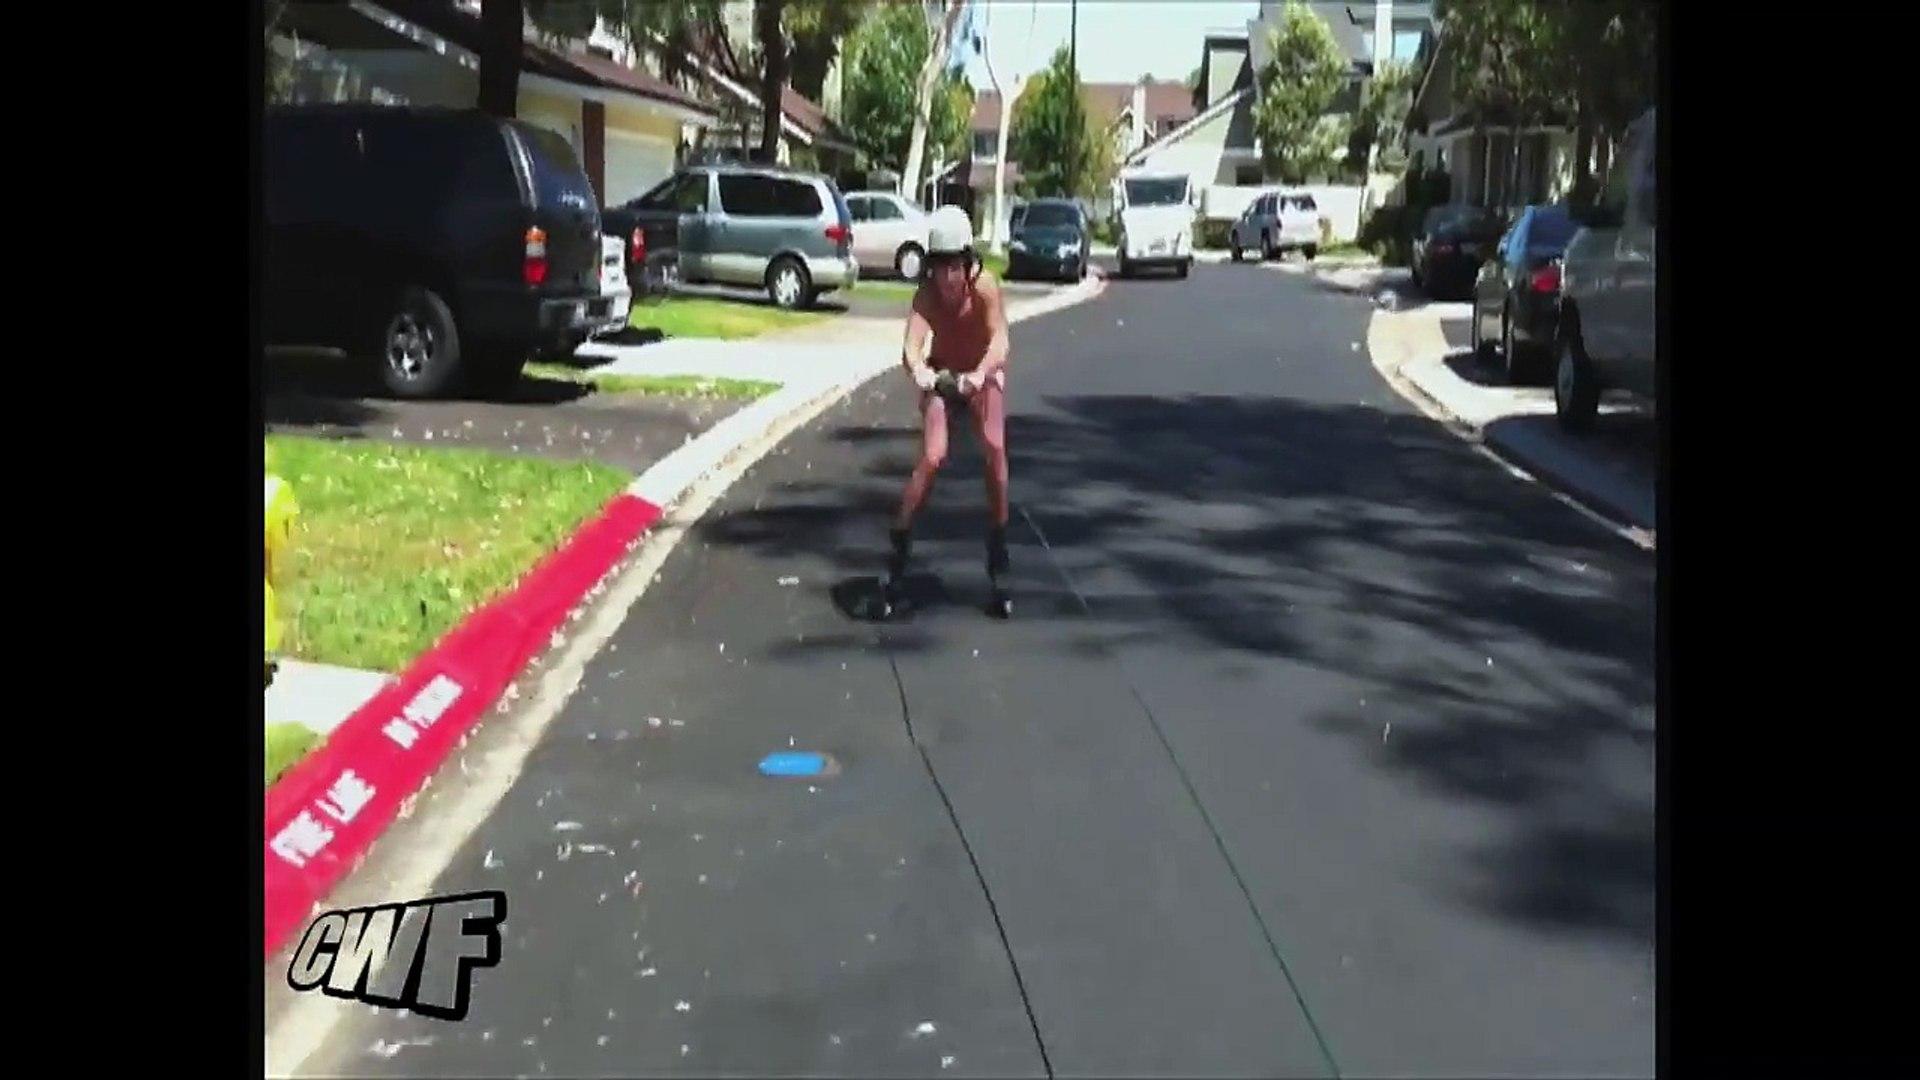 asfaltta patenle sörf yapmanın sonu Komedi ve Eğlence izle (video) Komedi ve Eğlence izle (video)